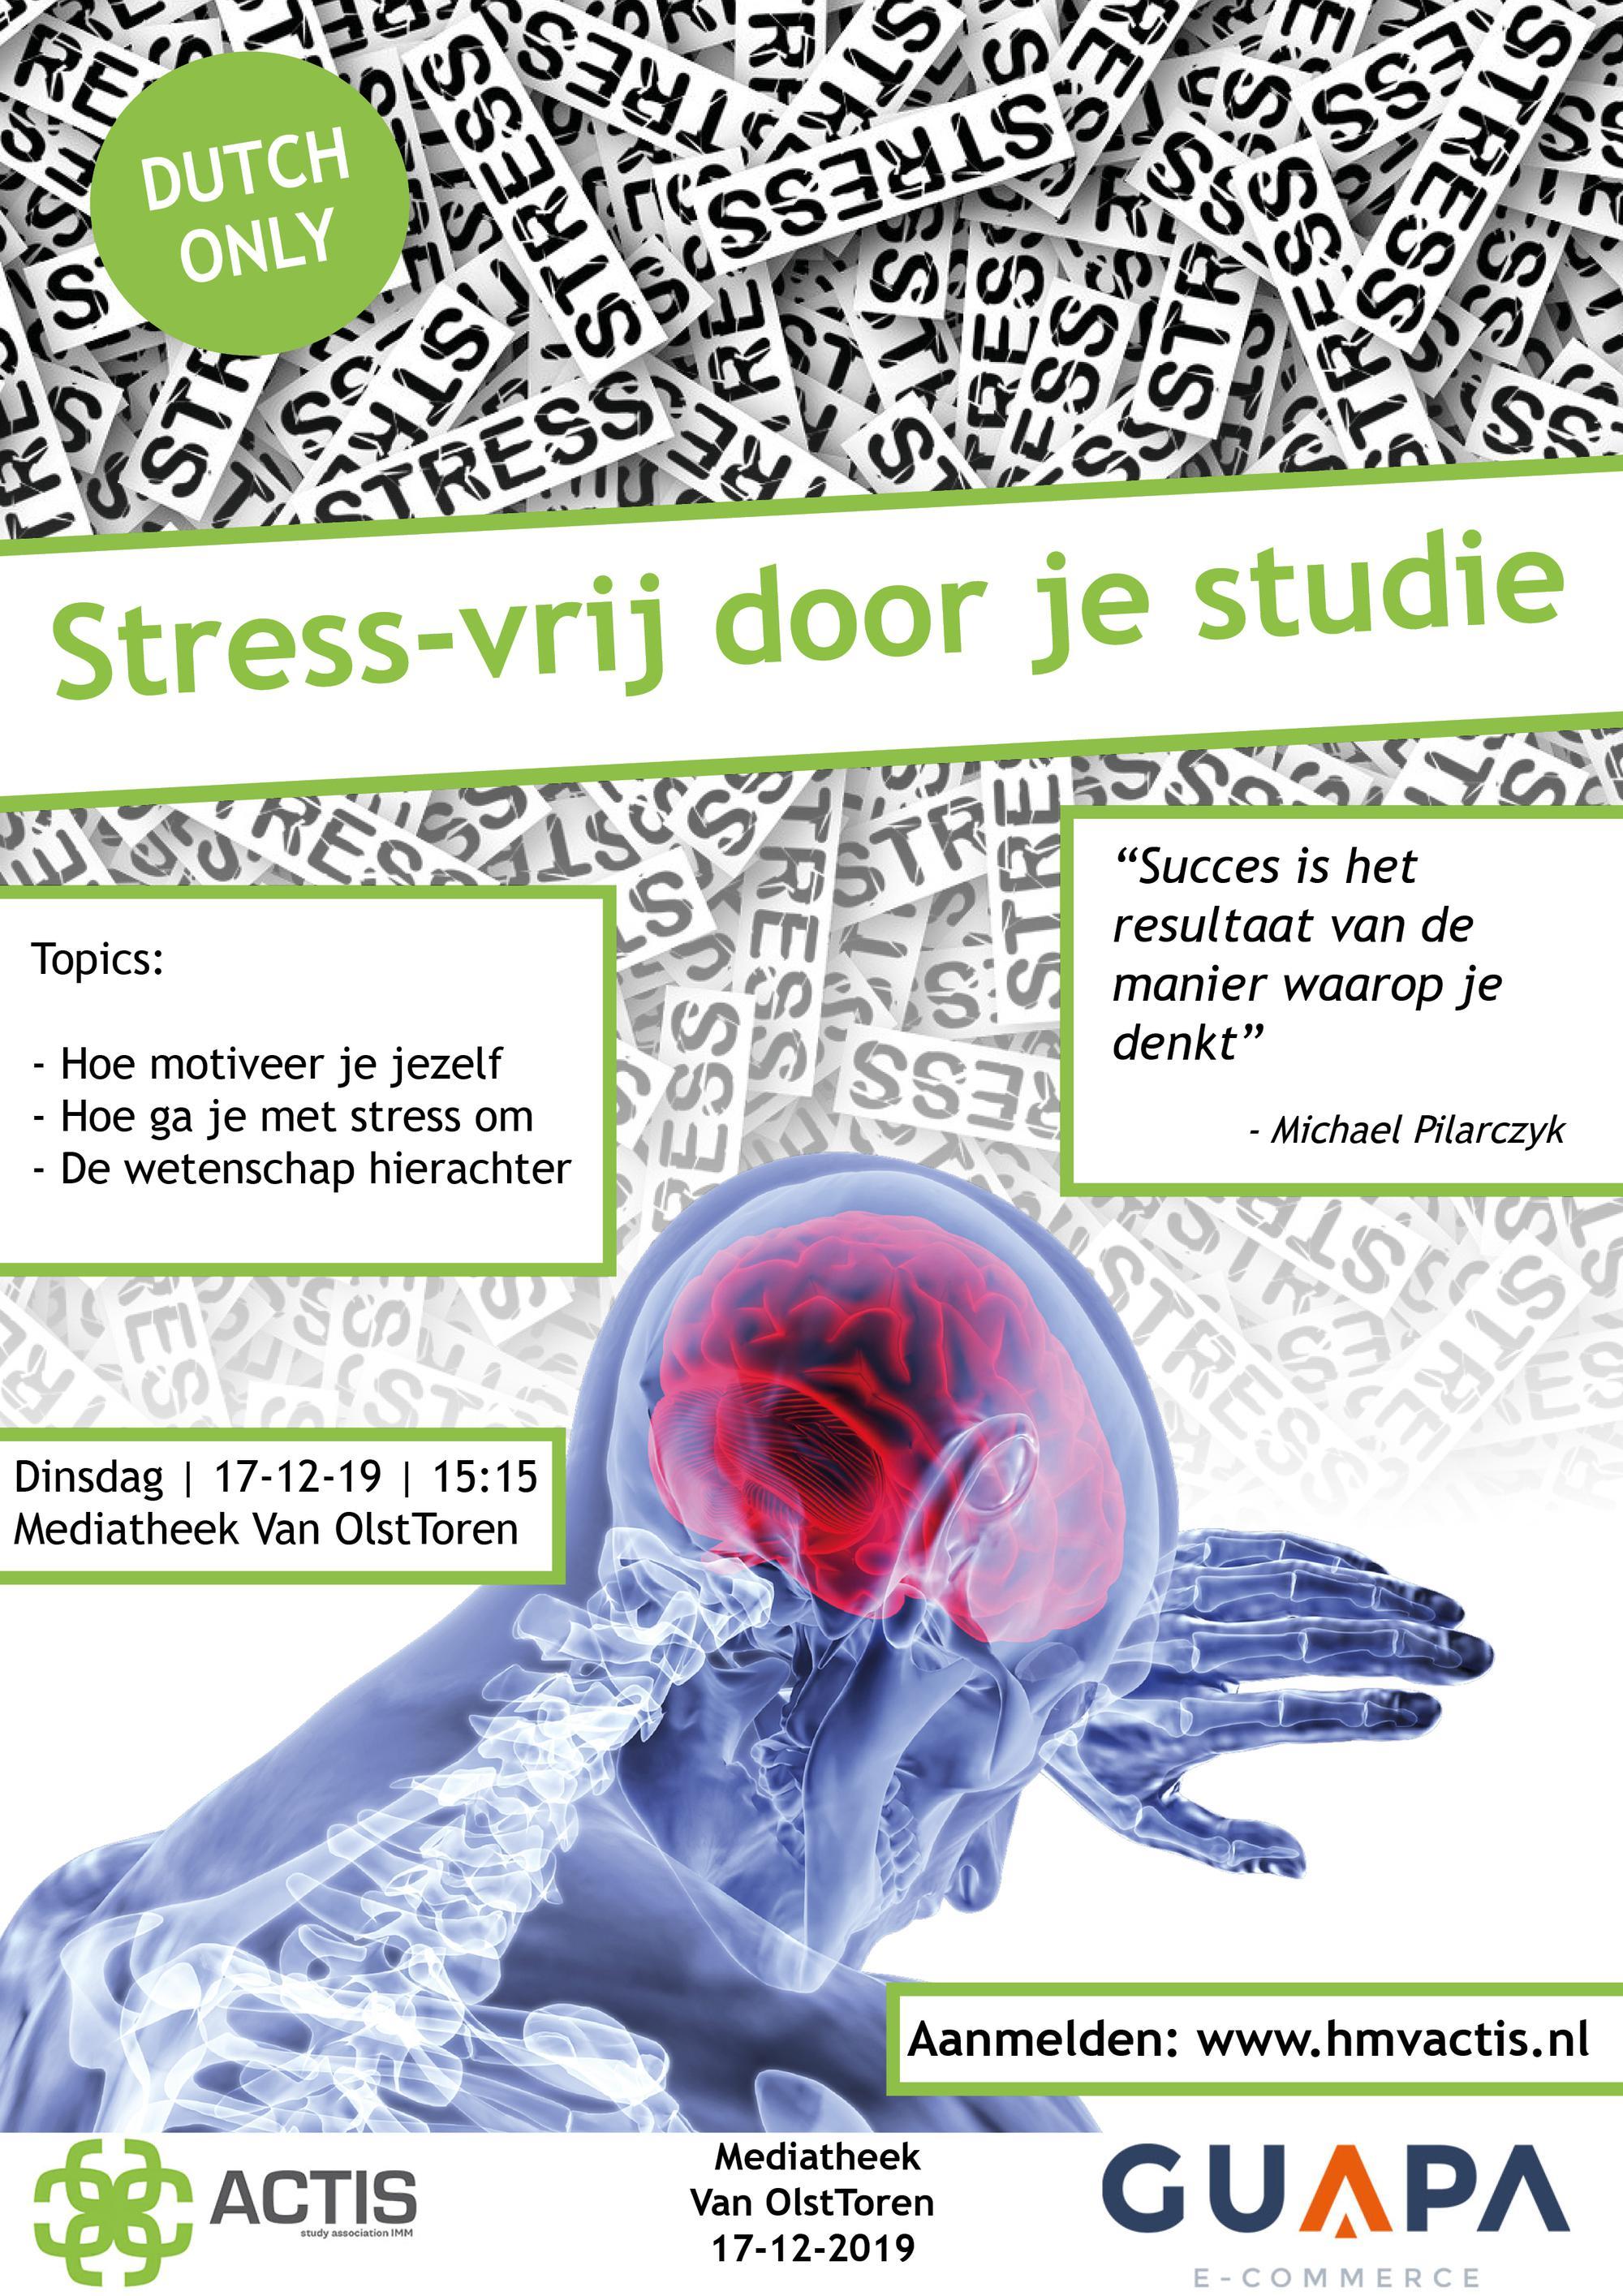 Lezing stress-vrij door je studie